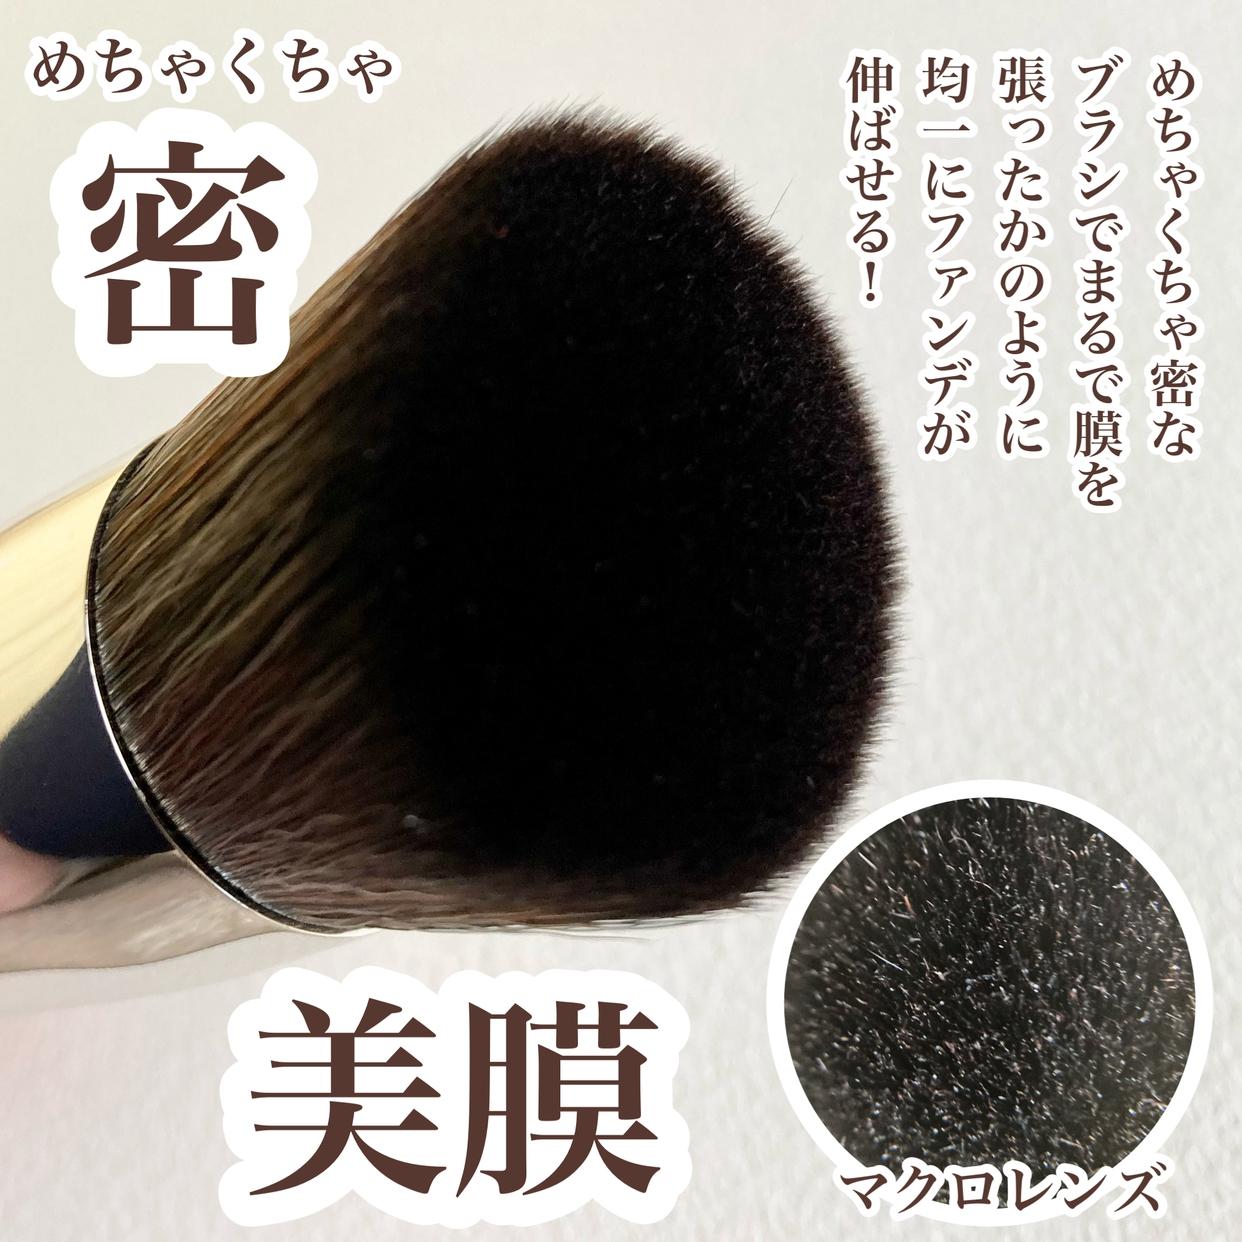 ESPRIQUE(エスプリーク)ファンデーションブラシを使った☆ふくすけ☆さんのクチコミ画像1